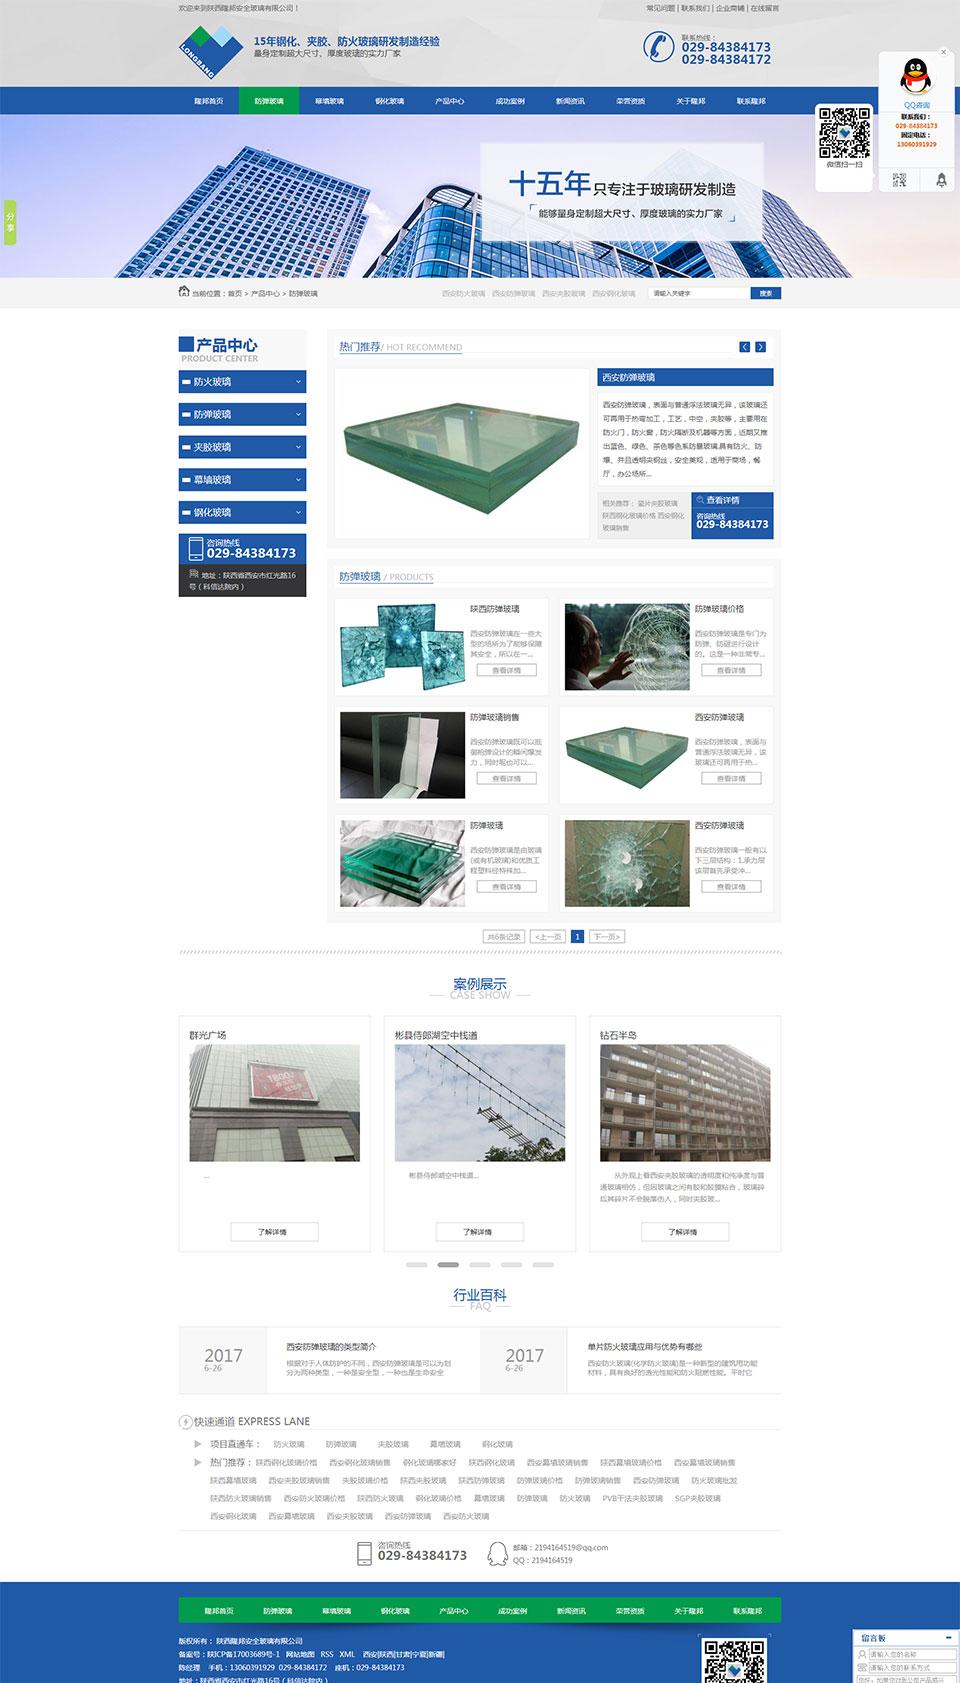 防弹玻璃_陕西隆邦安全玻璃有限公司1.jpg